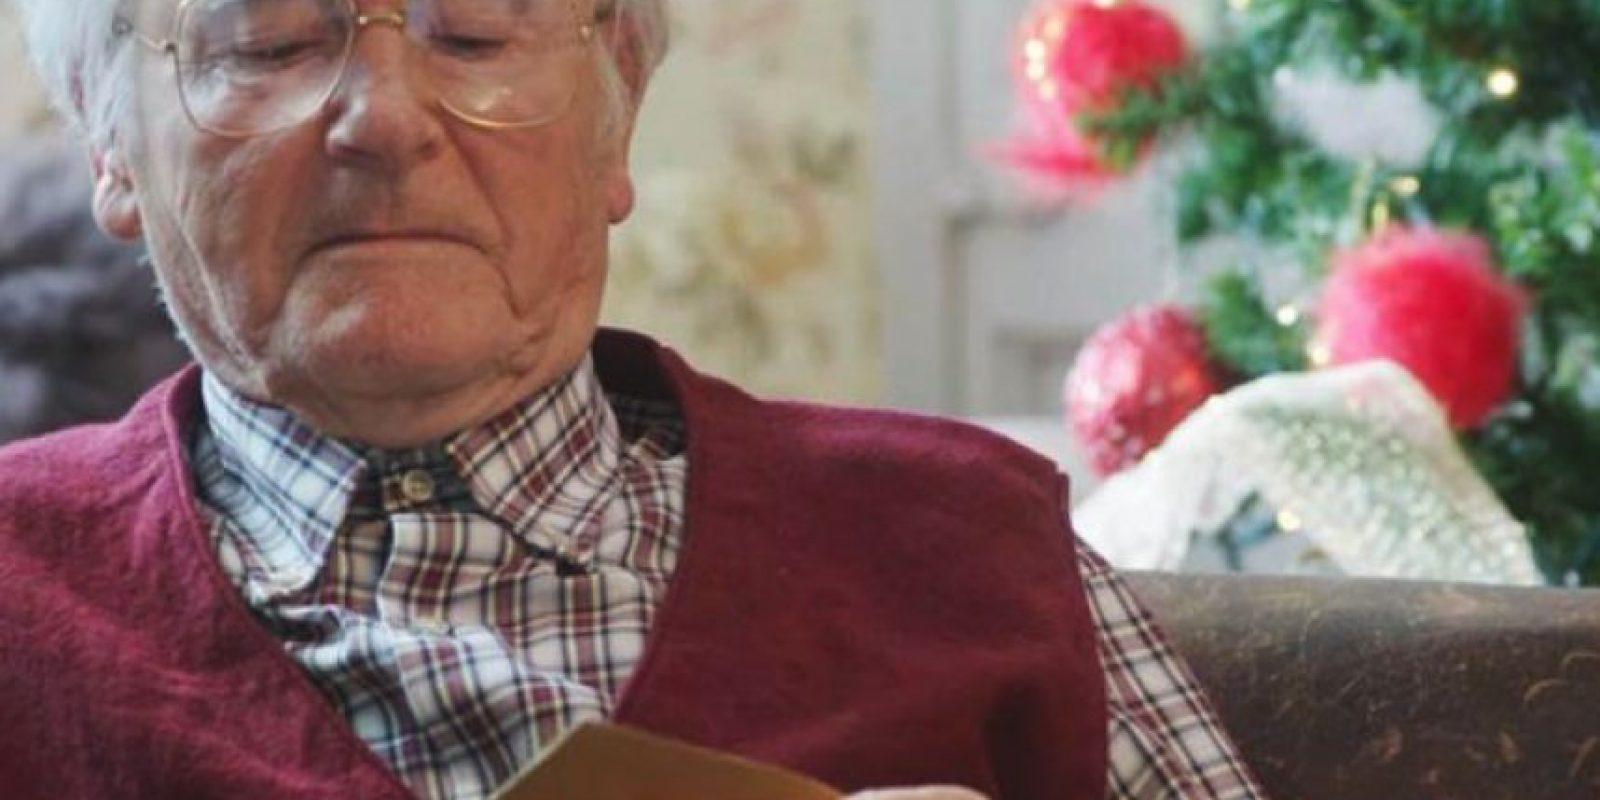 ¿Le regalarían porno a su abuelo? Pornhub, sitio de pornografía, sugiere que su contenido sería un buen obsequio para Navidad. Foto:Pornhub